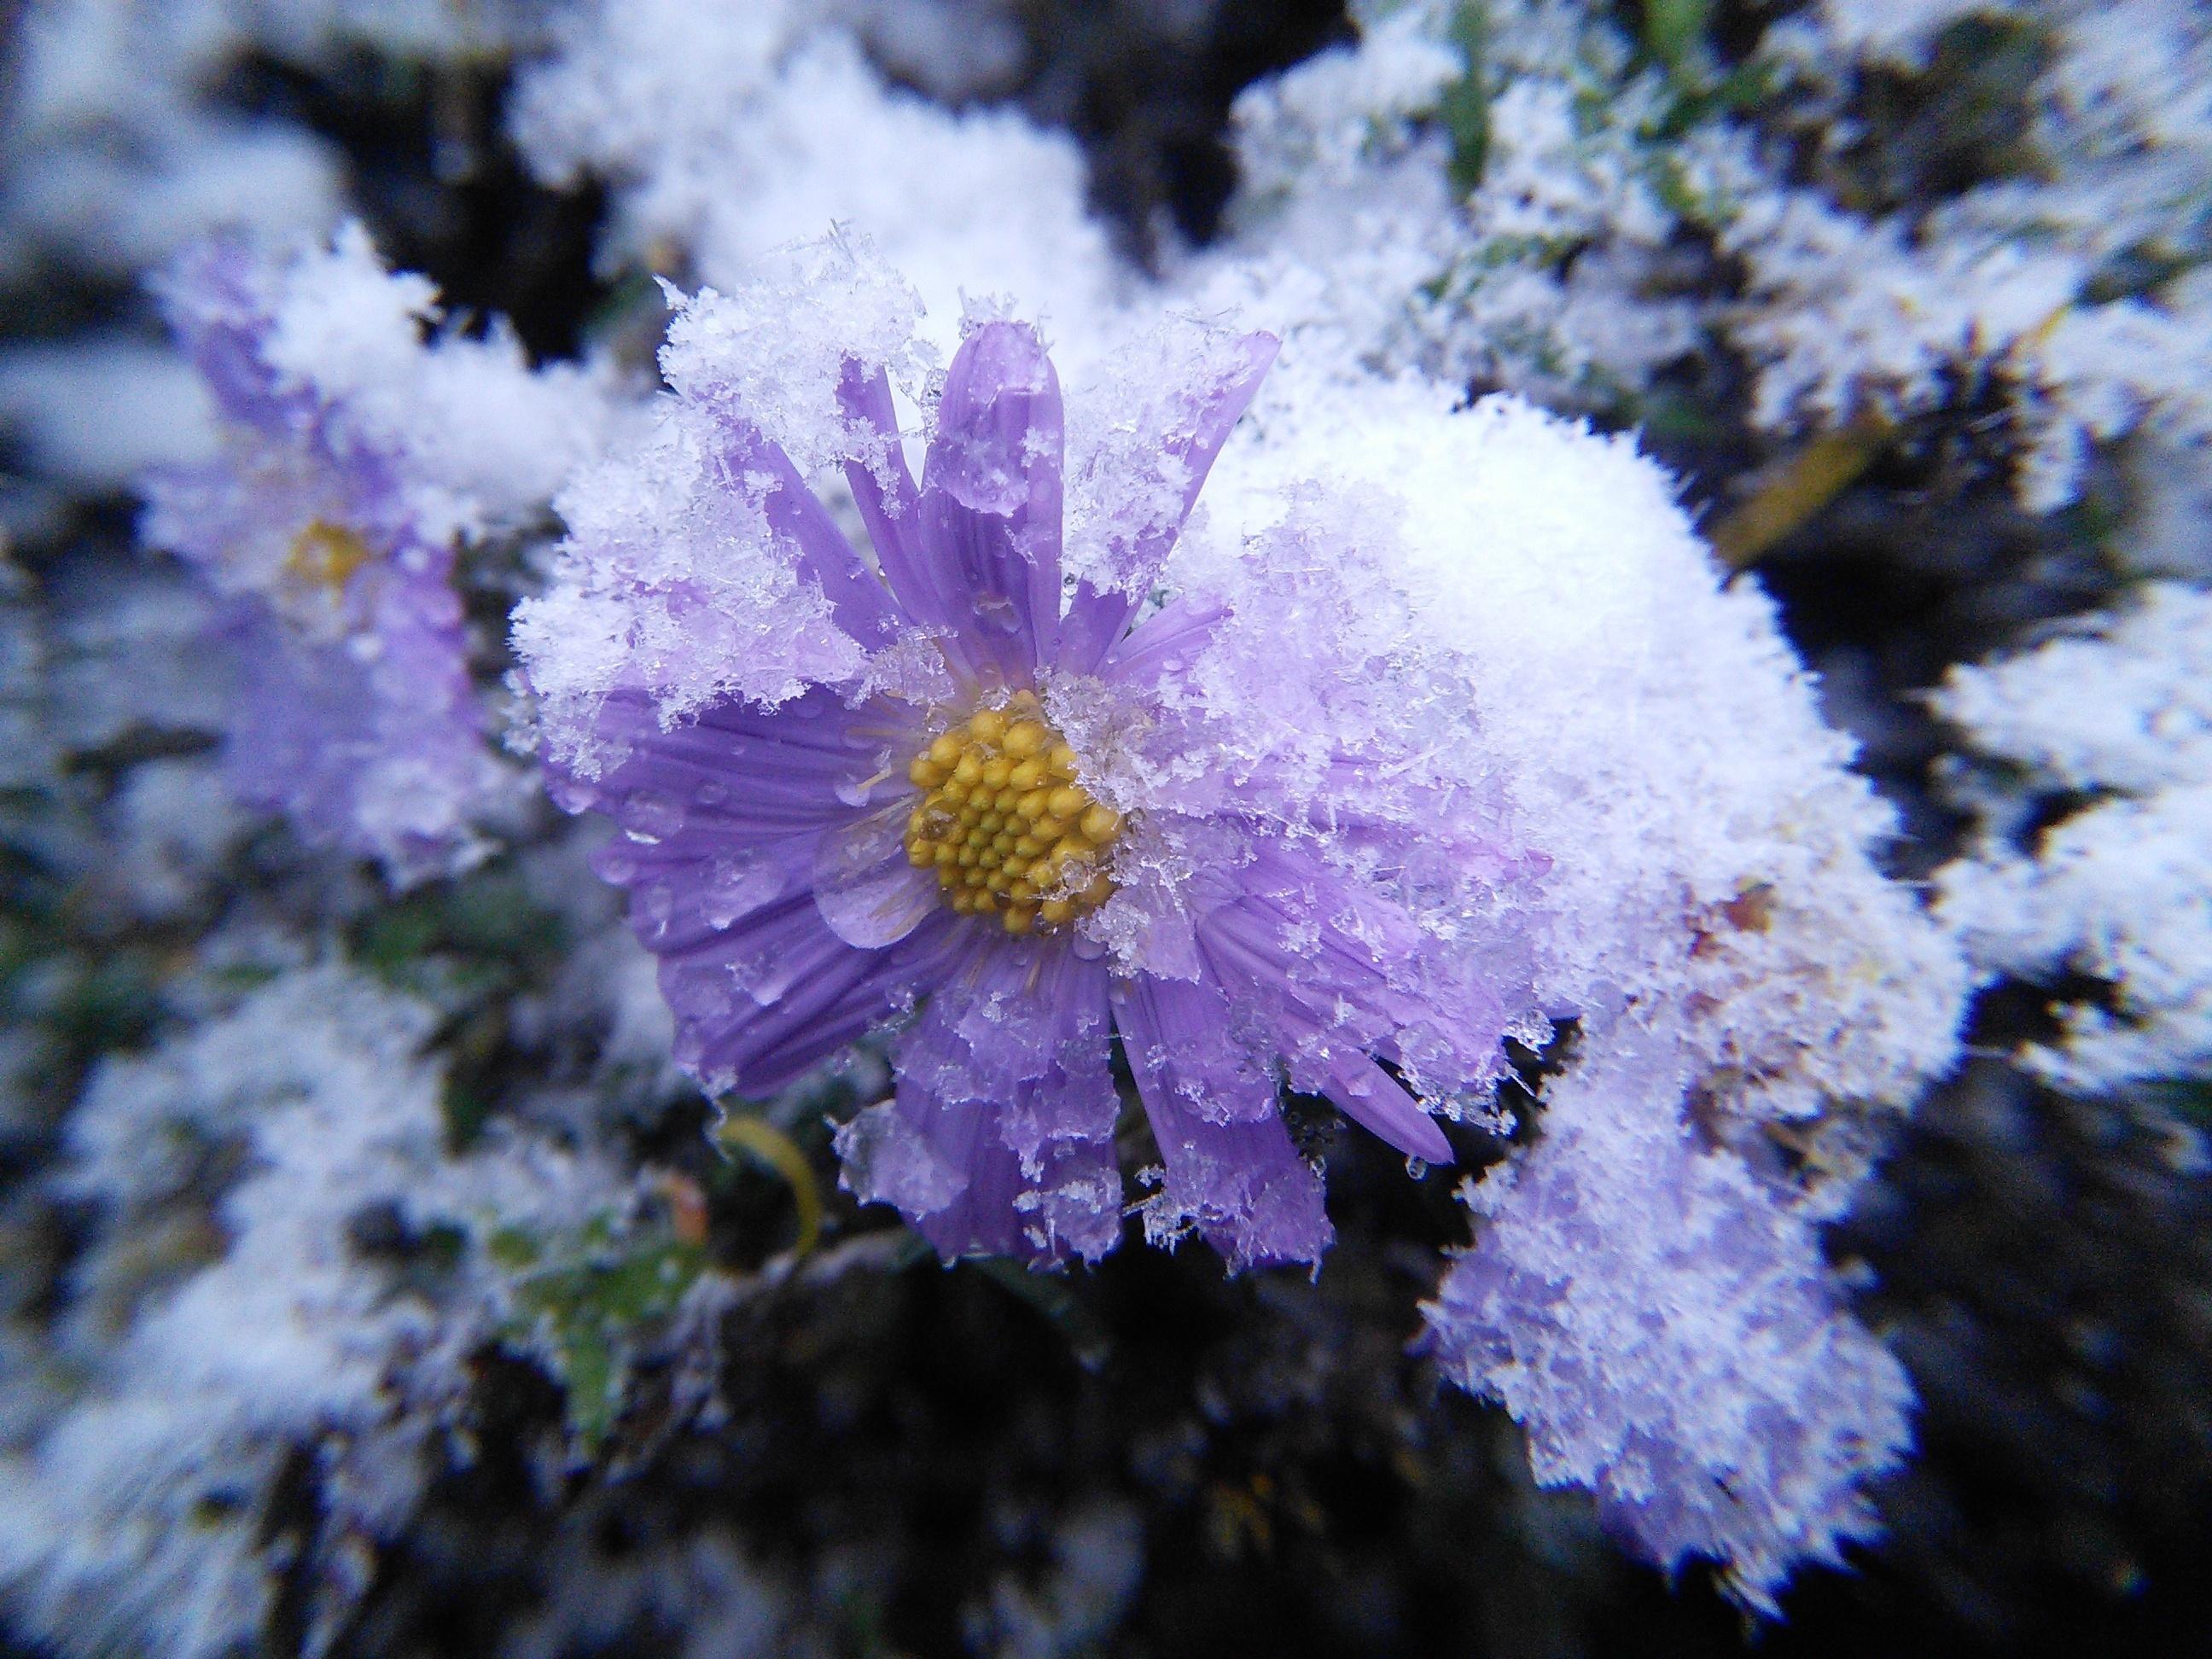 Цвет снега на фотографии